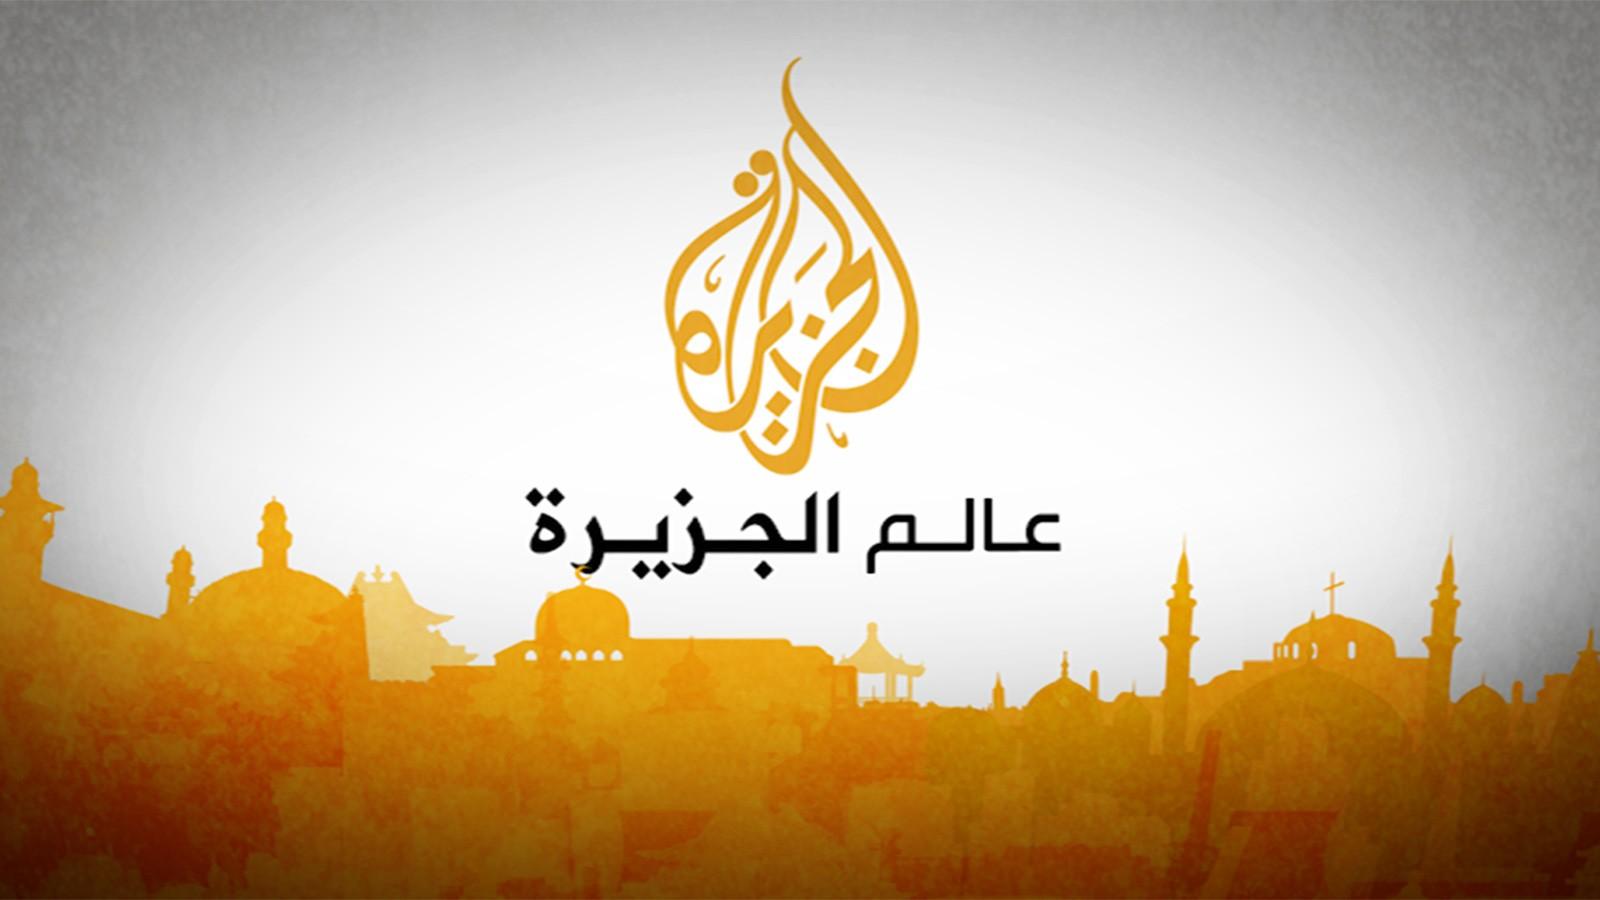 تردد قناة الجزيرة مباشر مصر 2016